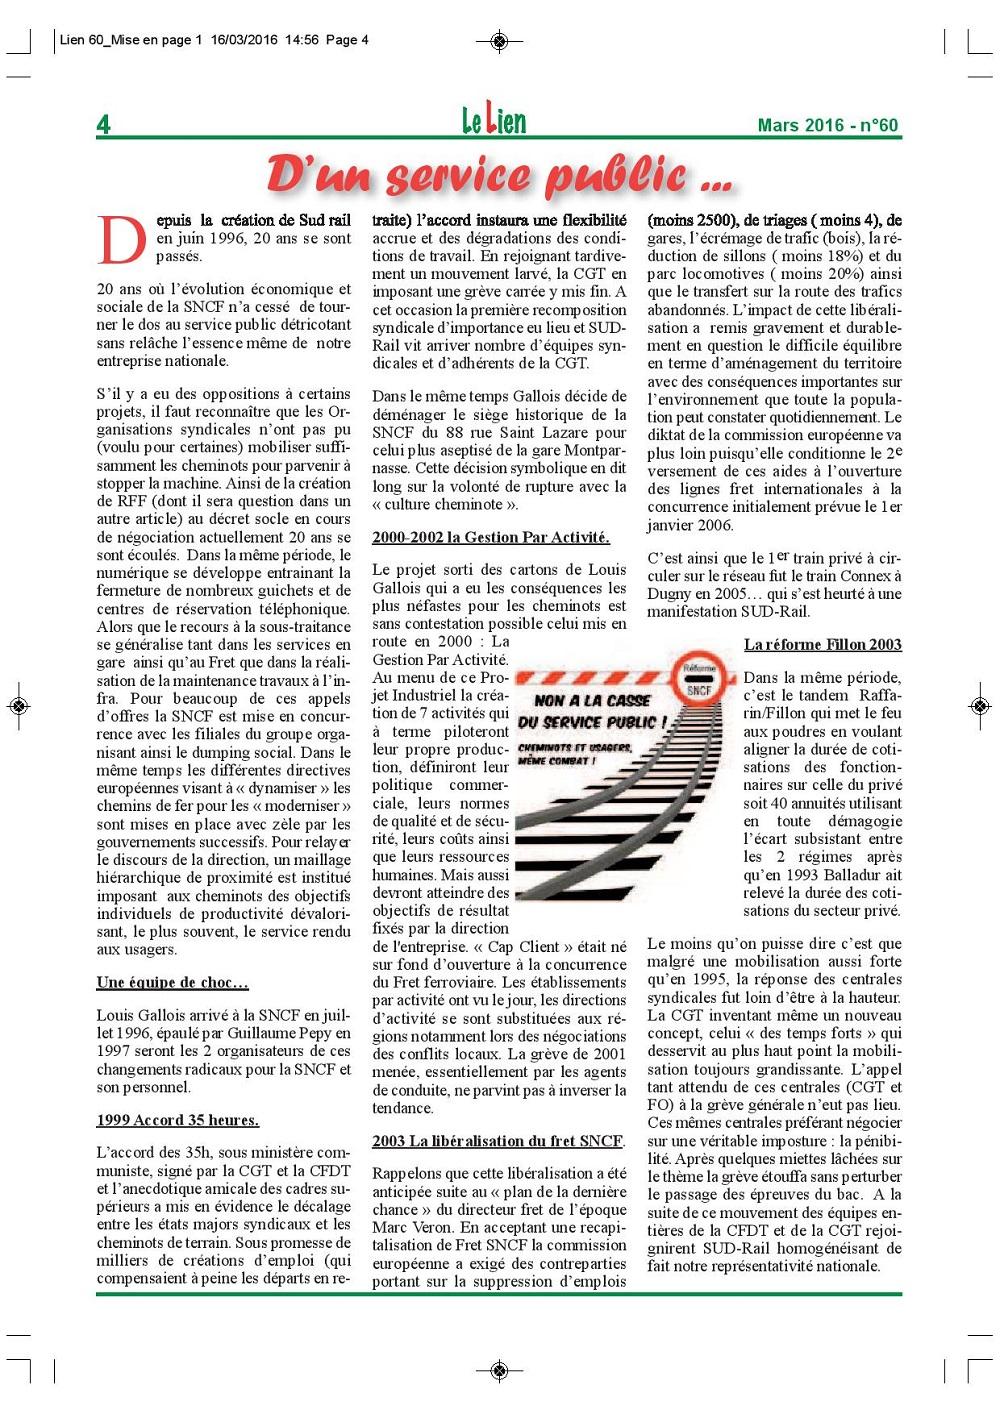 Lien retraite n60-page-004